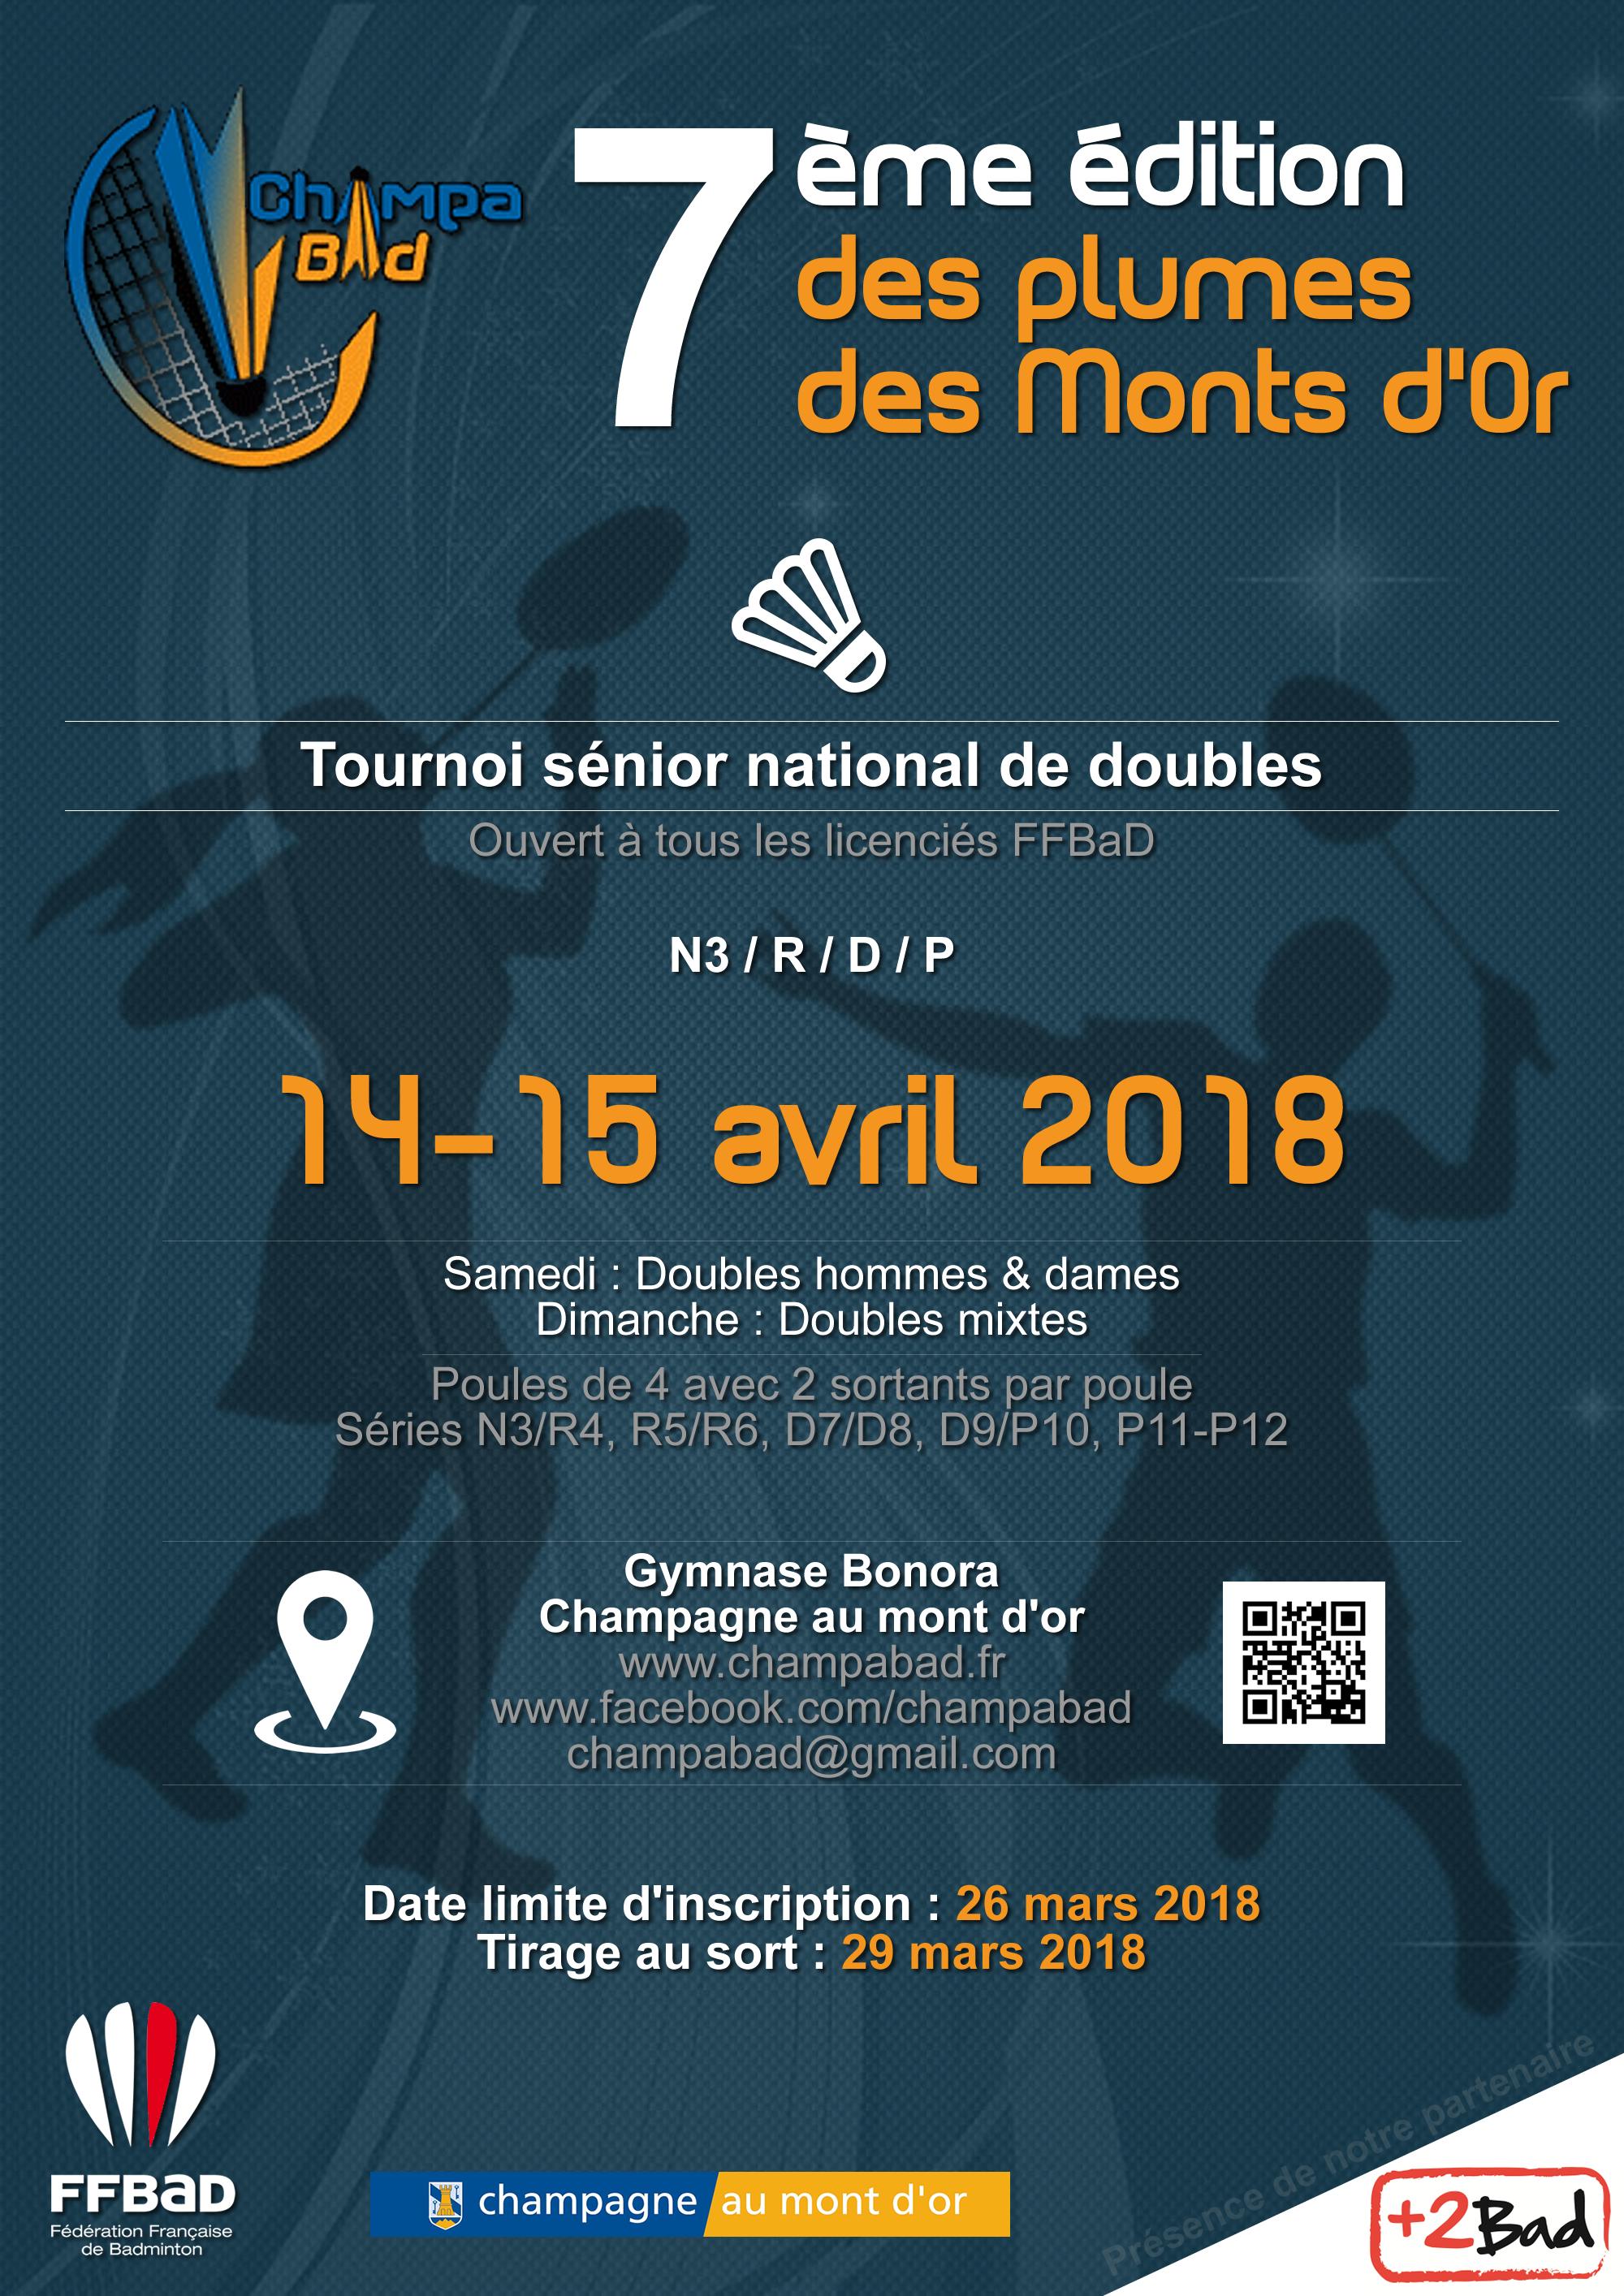 Affiche Plumes des Monts d'Or 2018